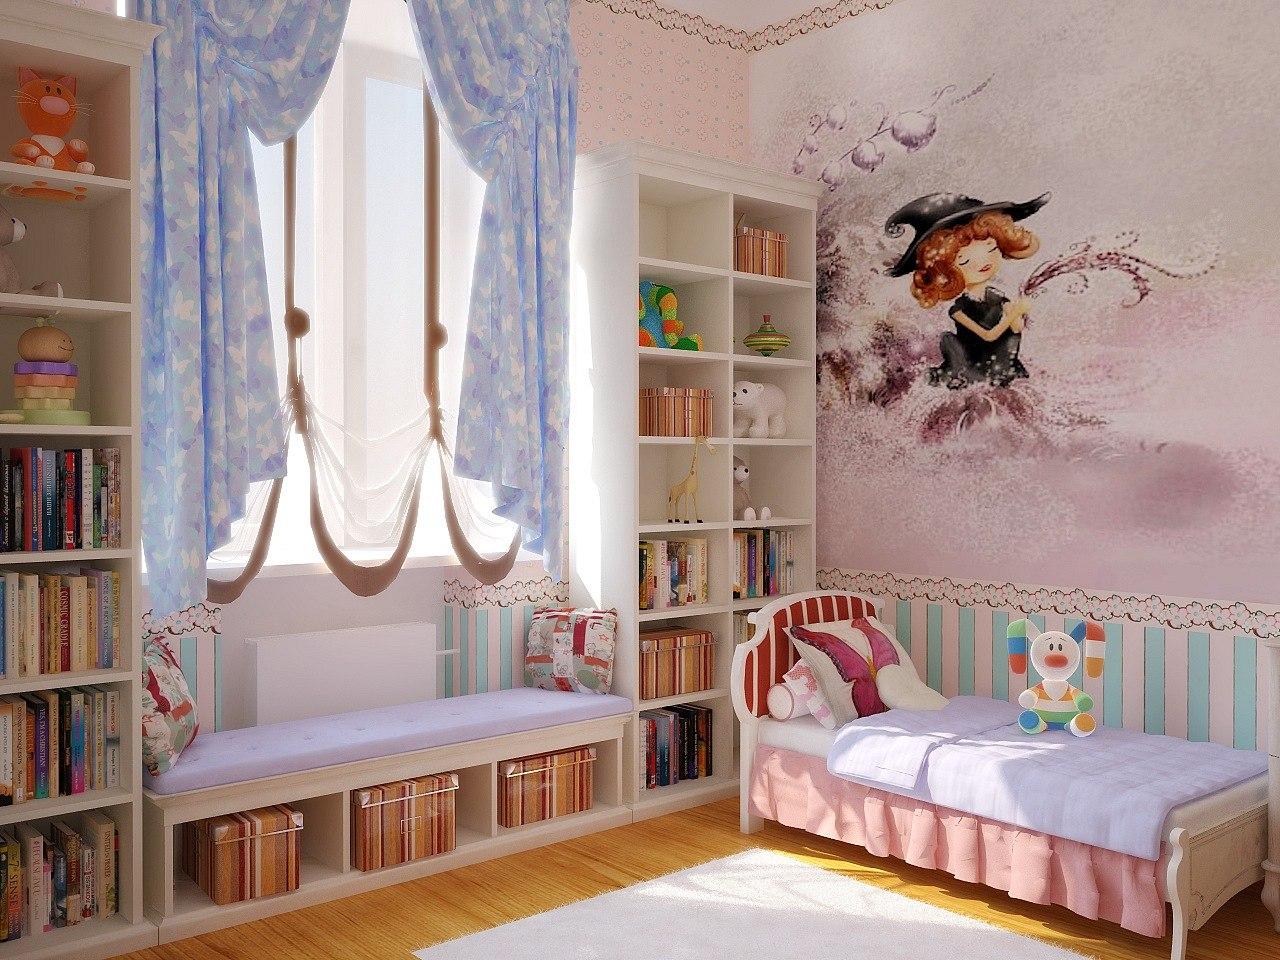 Идеи интерьера для детской комнаты для девочки фото